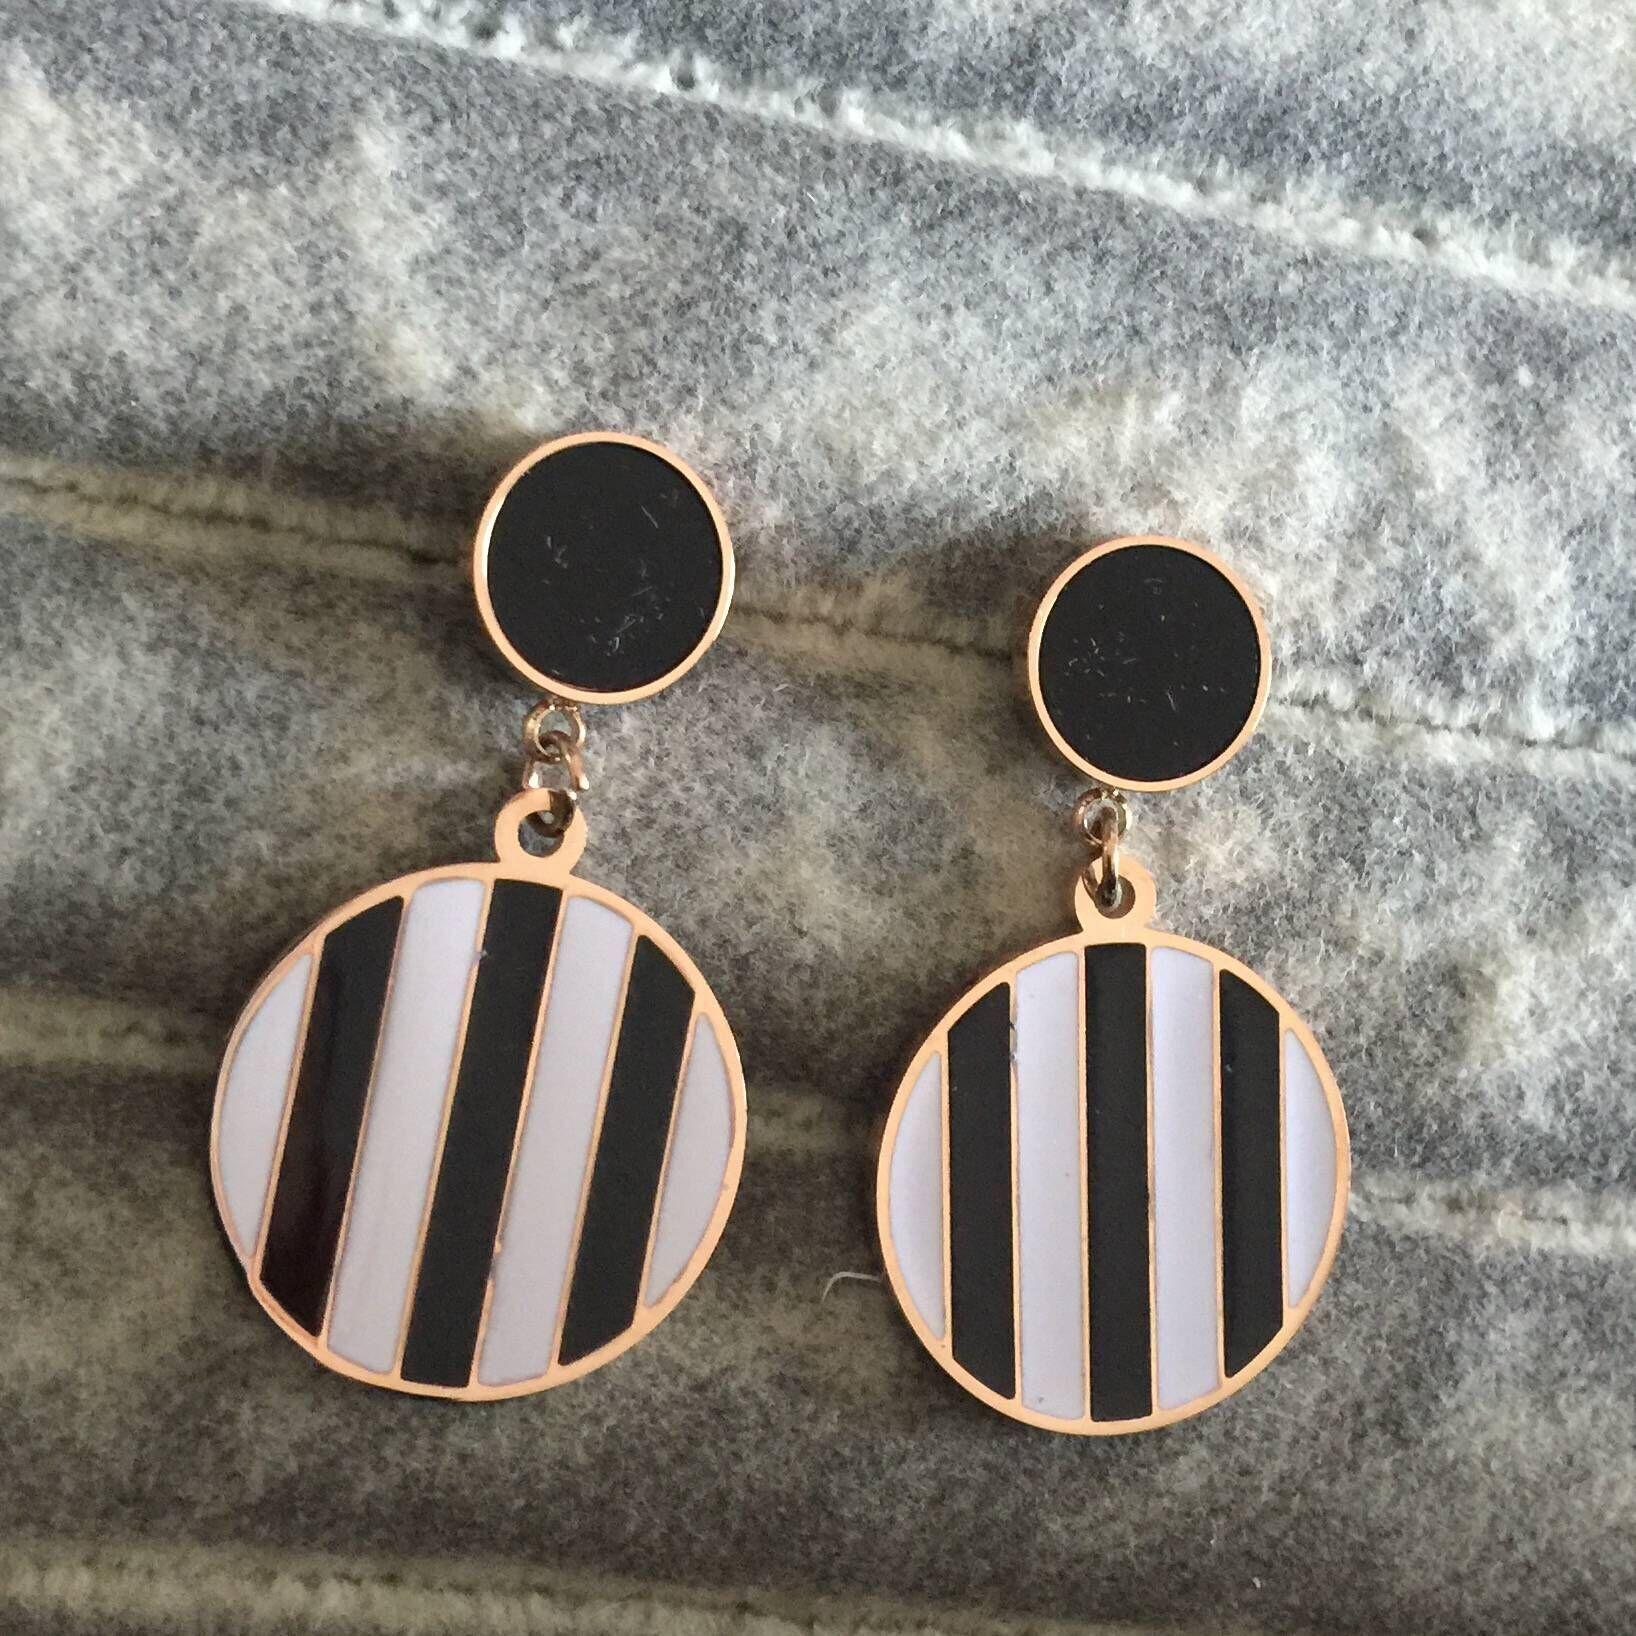 Alta calidad de lujo 18k de oro rosa carta llena negro cuelgan blanco de moda de acero inoxidable 316L pendientes amor por las mujeres al por mayor